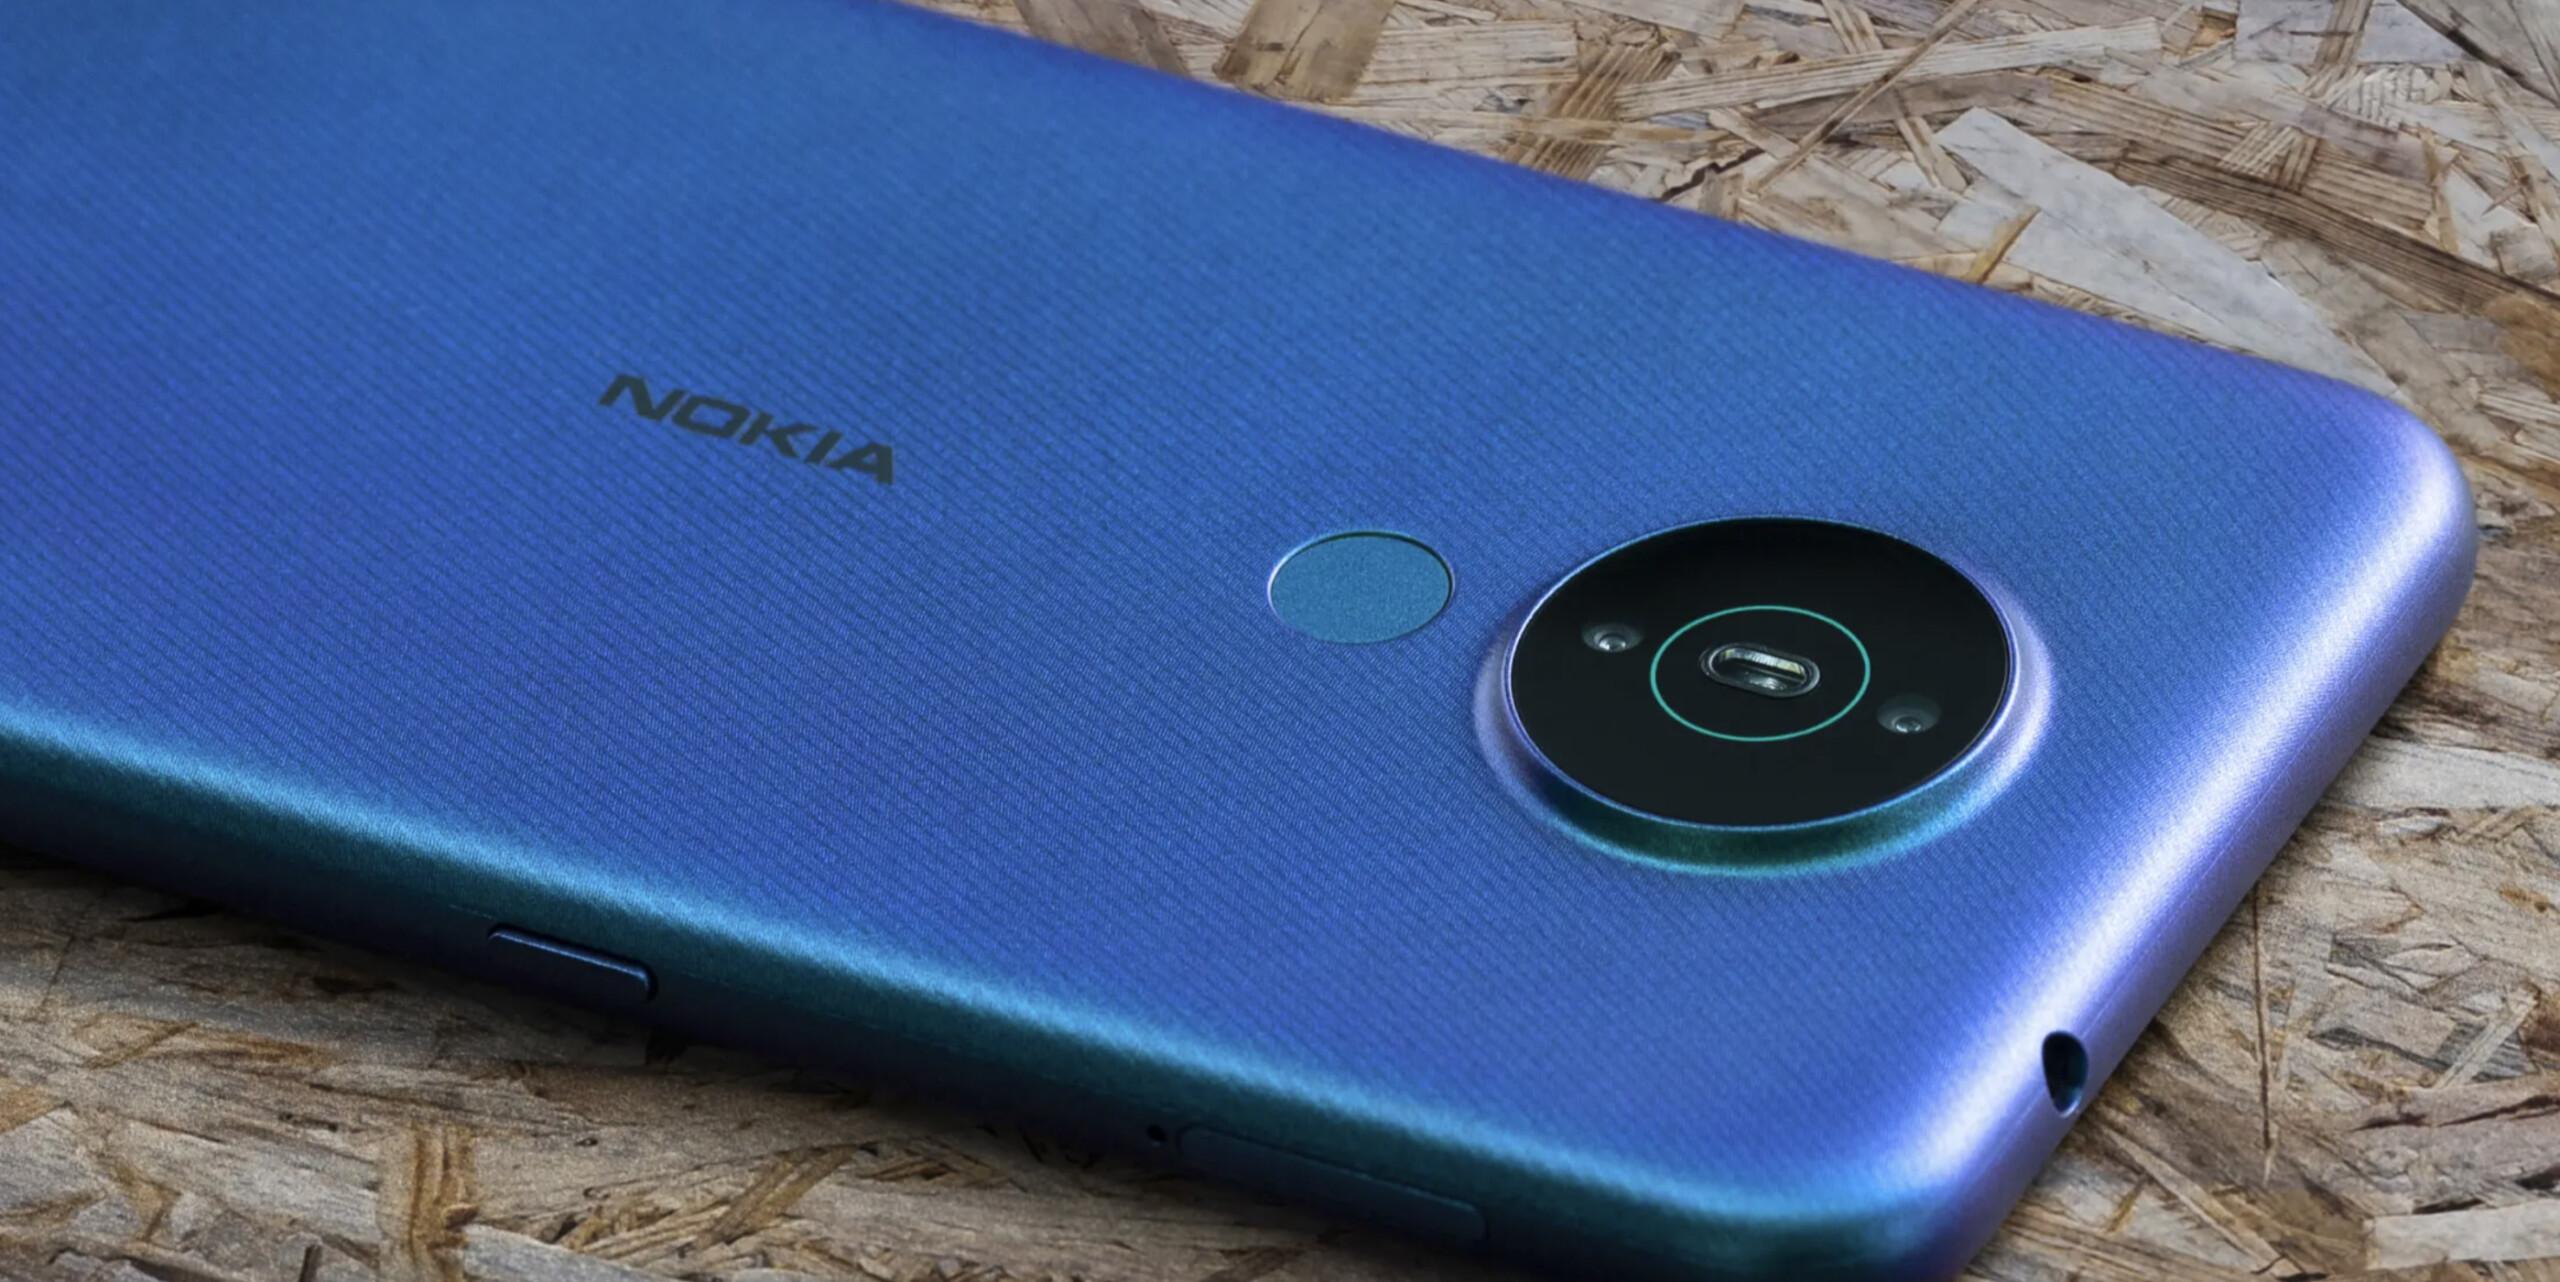 Nokia 1.4 officialisé : à 99 euros, il veut remettre Android Go sur le devant de la scène - Frandroid